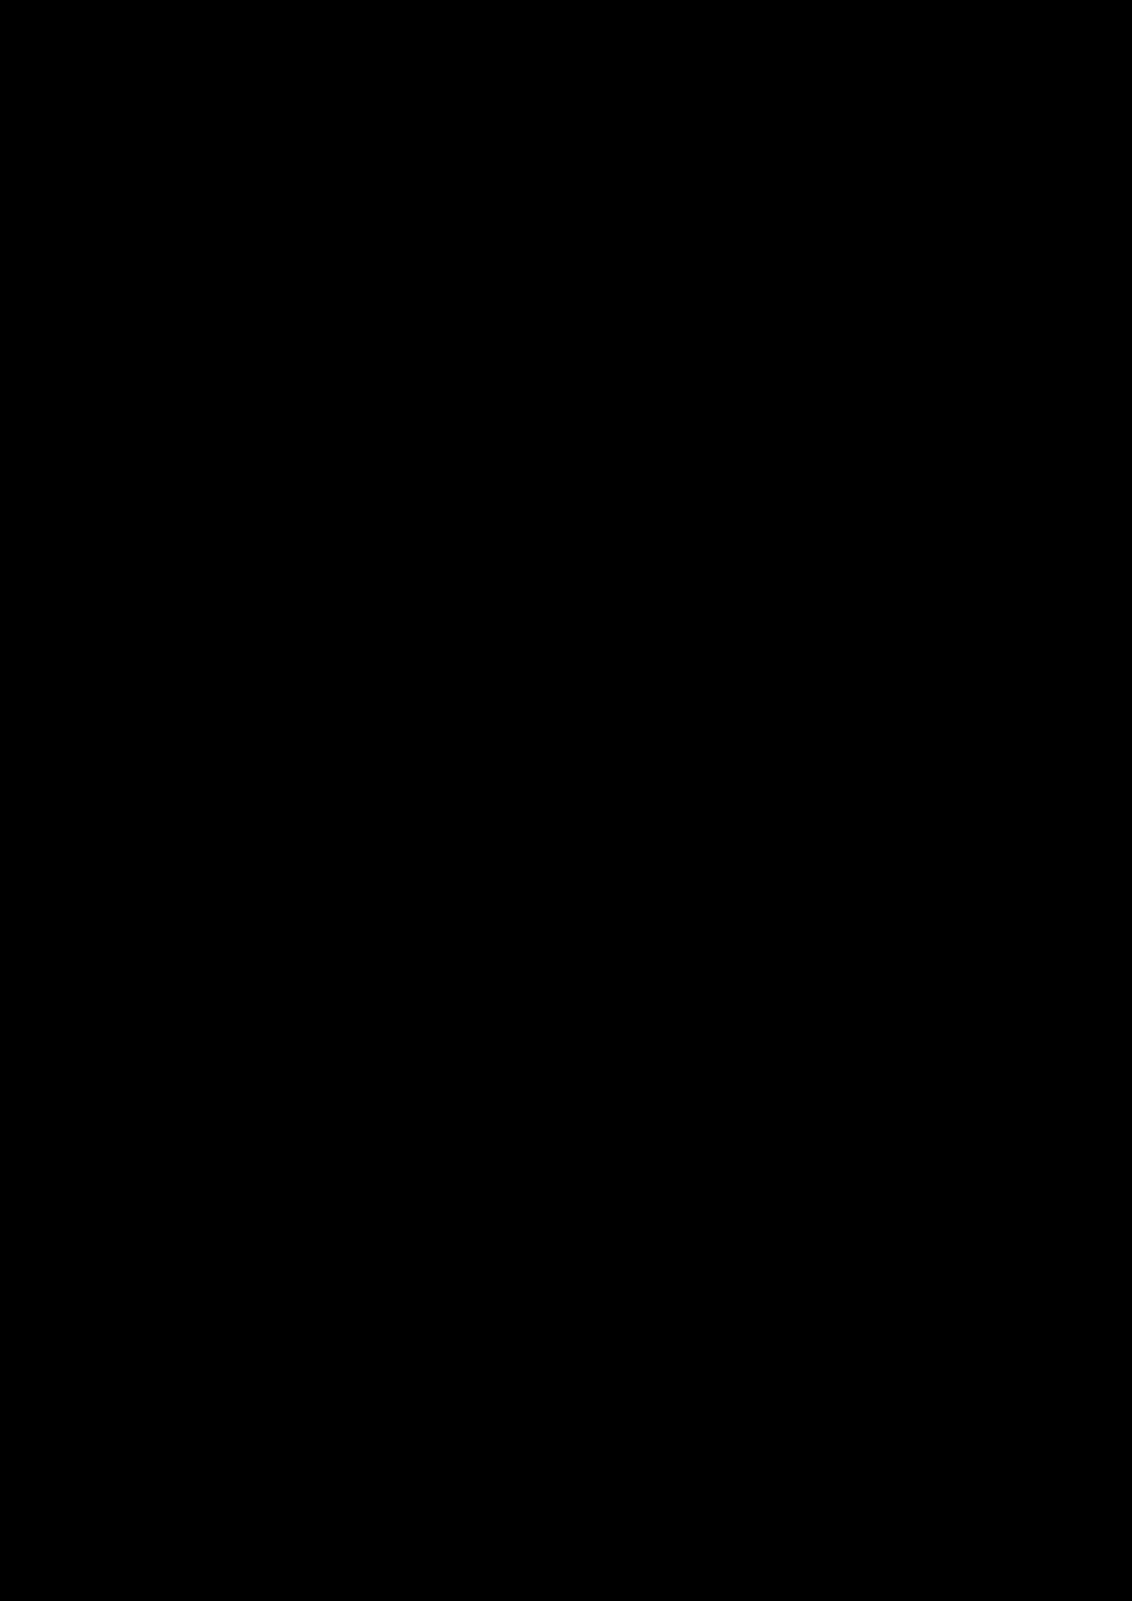 Proschanie s volshebnoy stranoy slide, Image 54